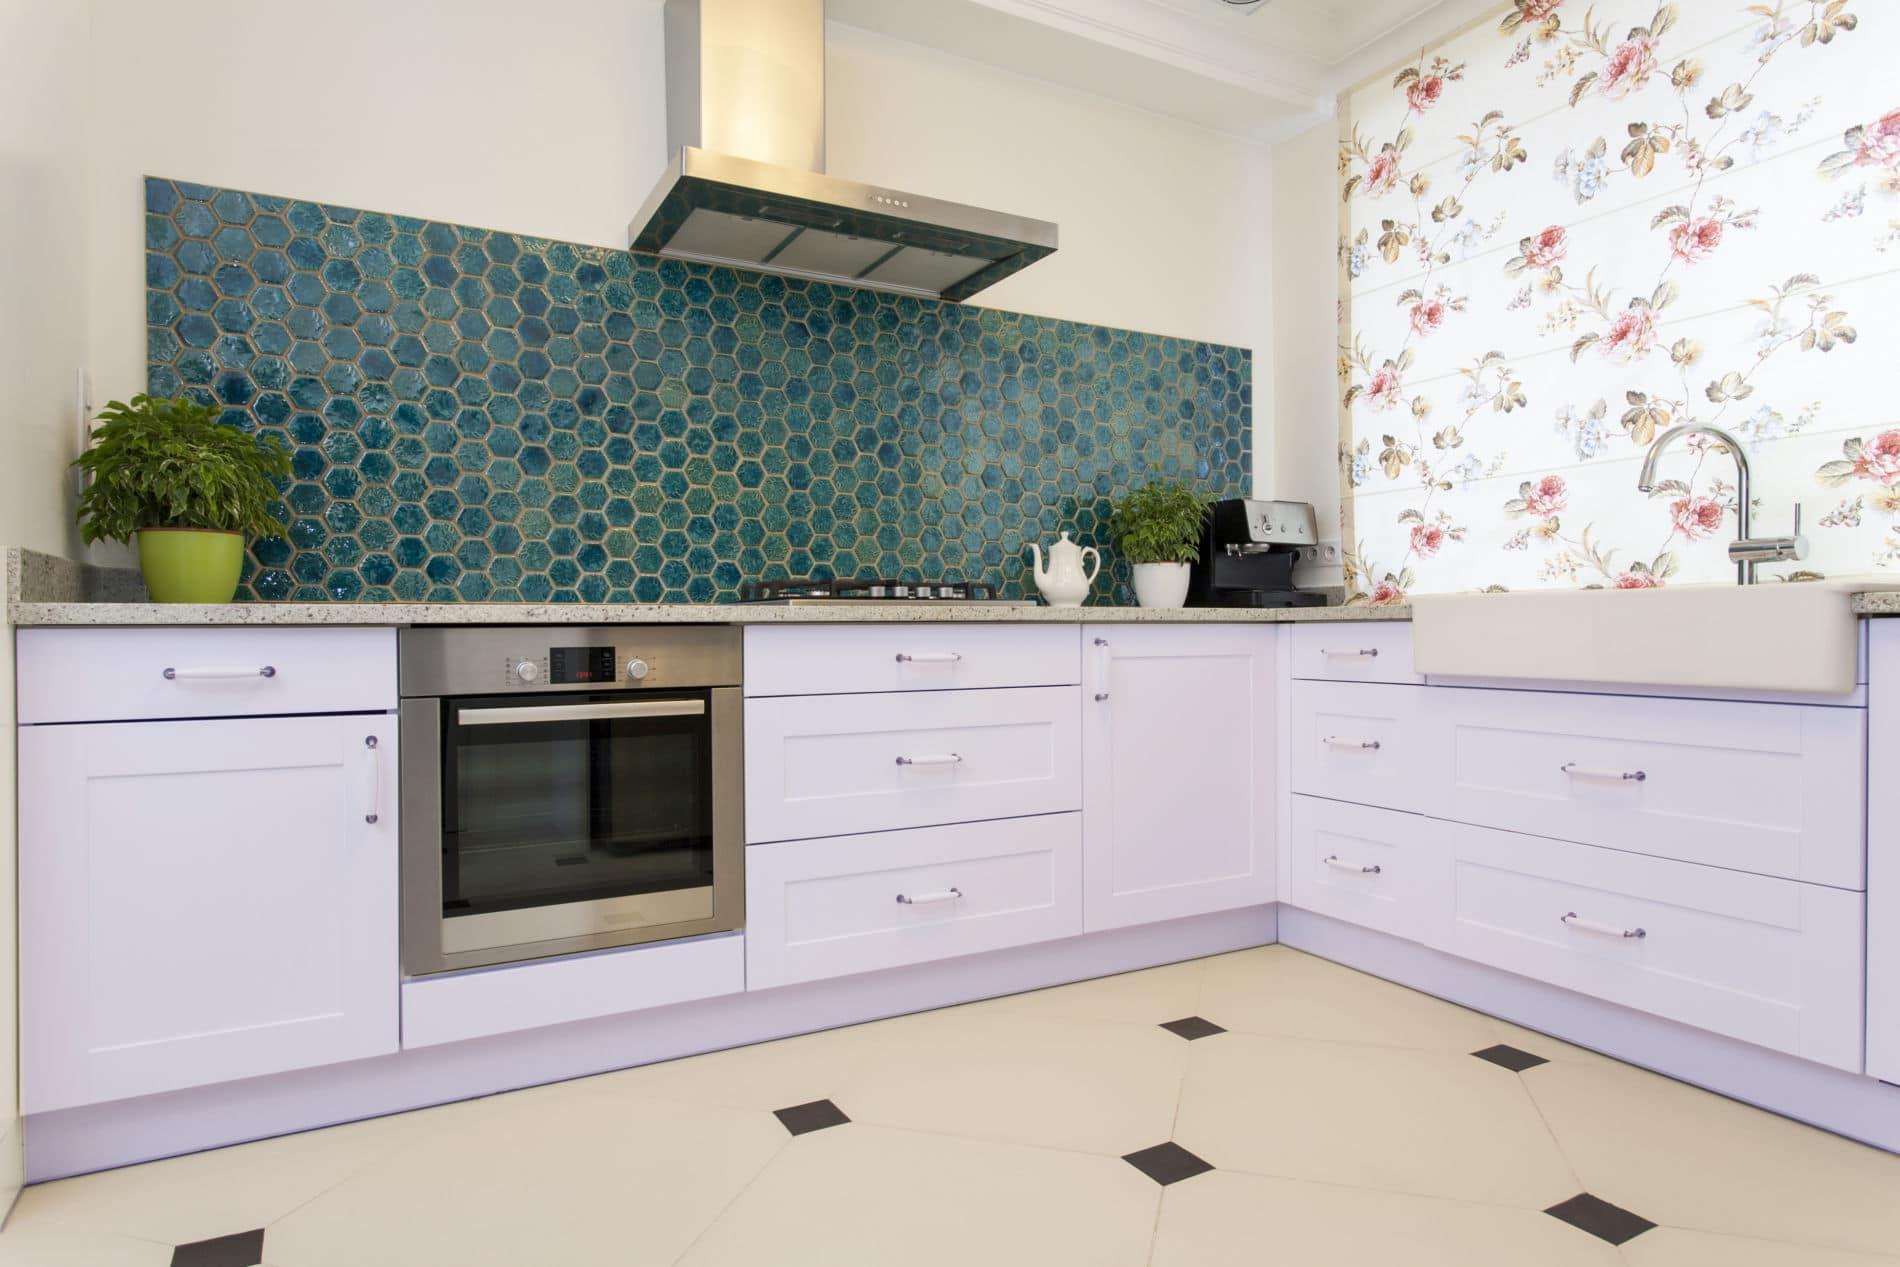 קולקציית מטבחים 2018 - מטבחים מודרניים מעוצבים בצבעים.